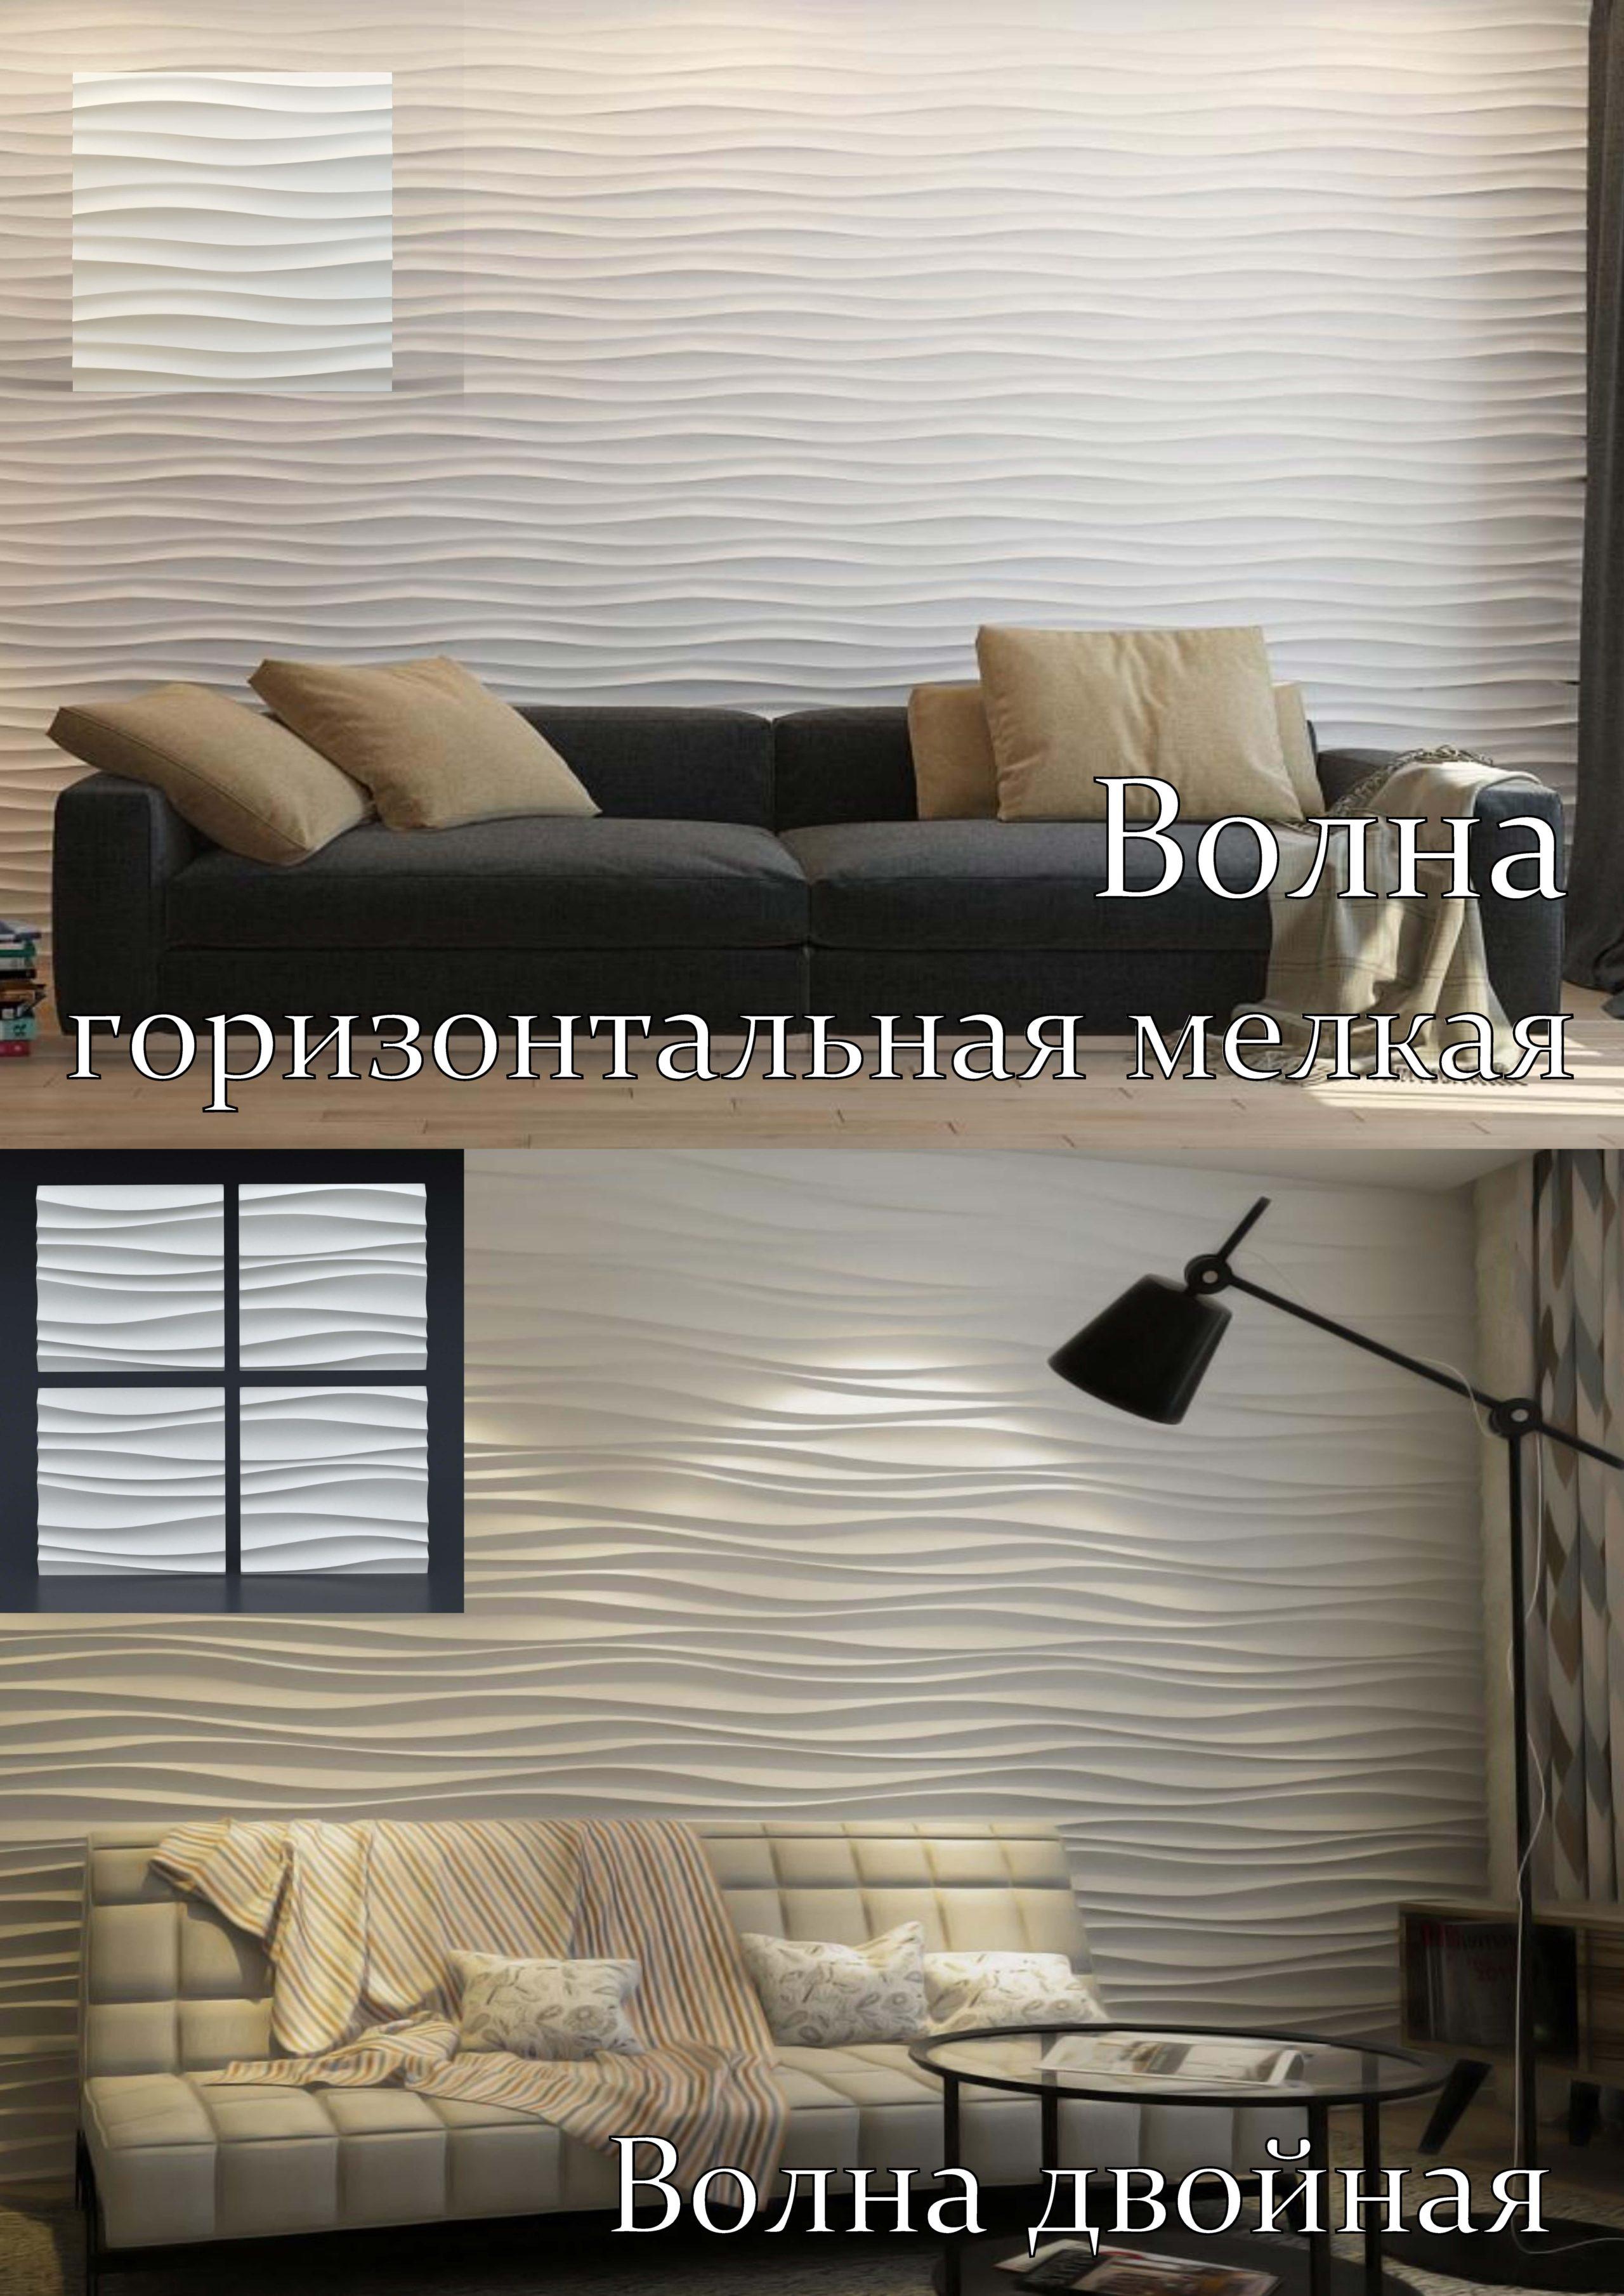 3d панели купить для стен в коврове заказать